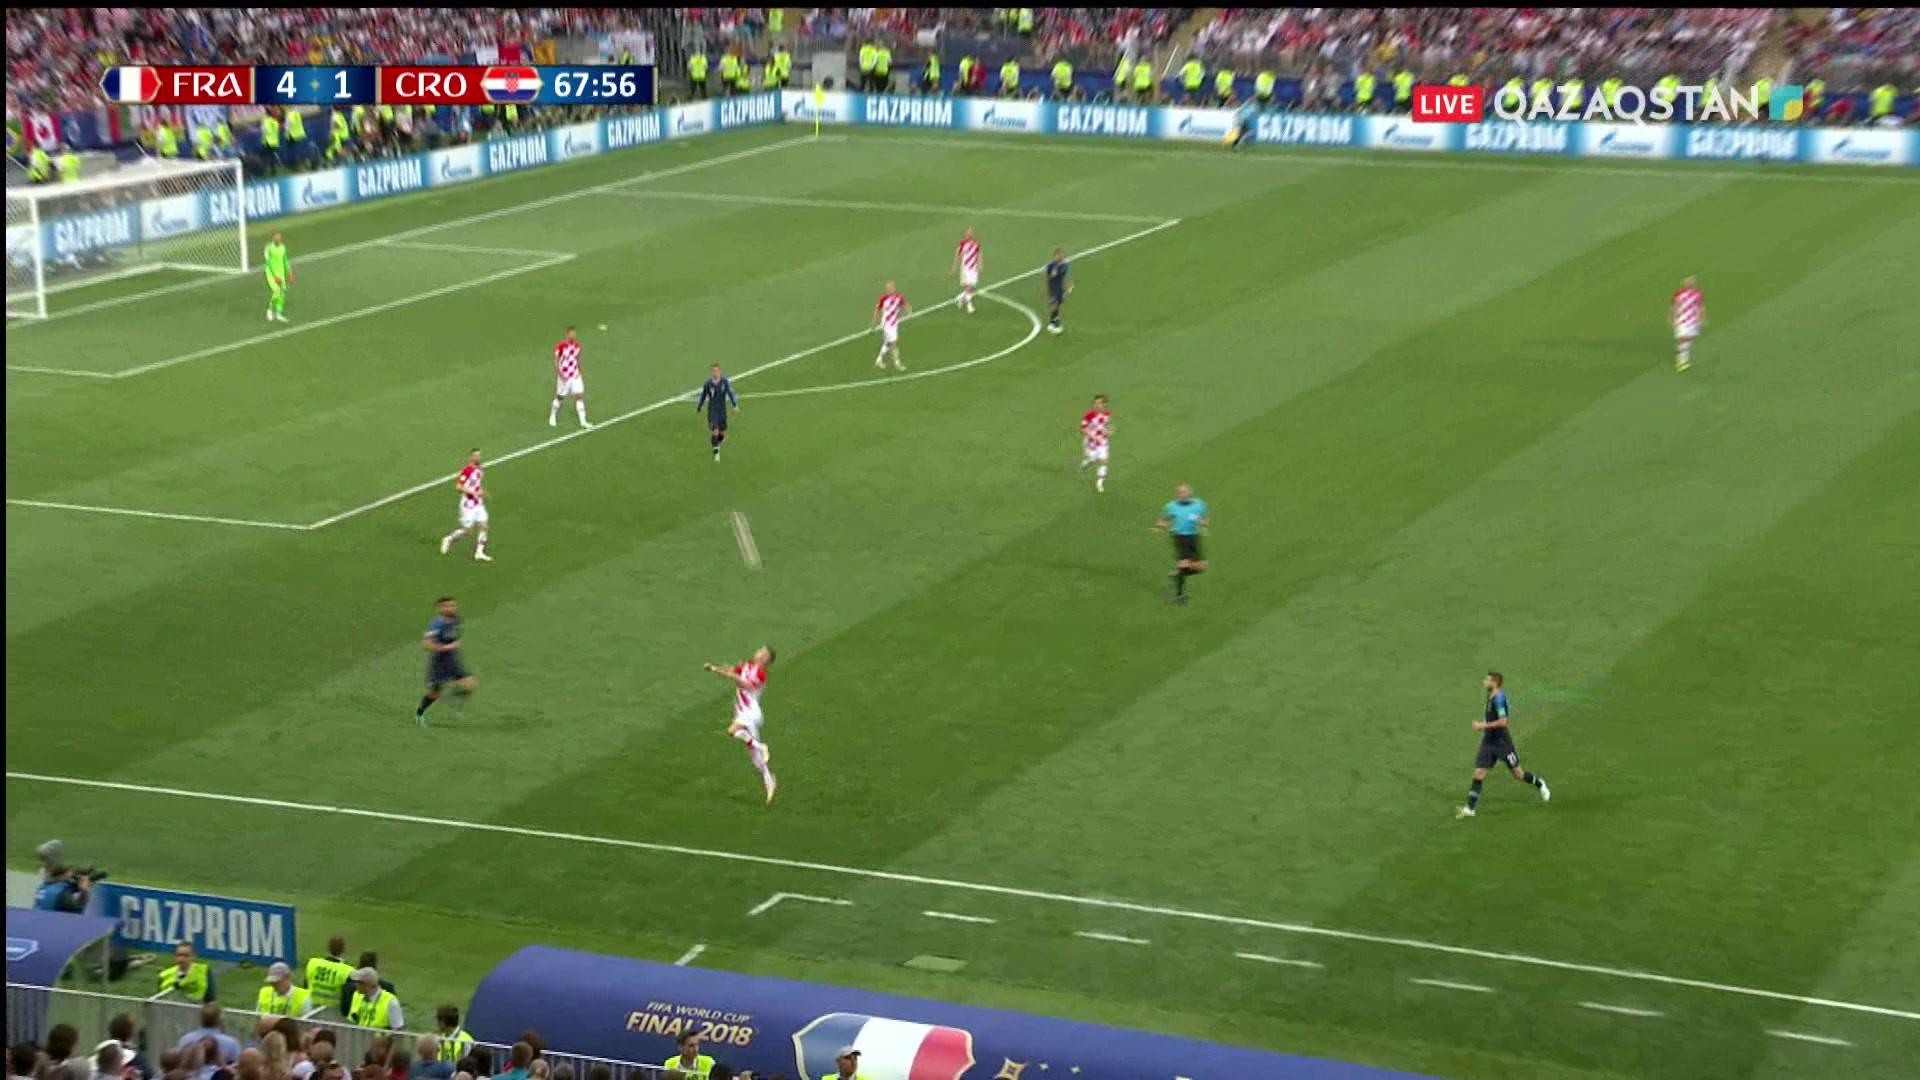 Франция – Хорватия - 4:2 | Әлем Чемпионаты 2018: Манджукич қақпашының қателігін ұтымды пайдаланды